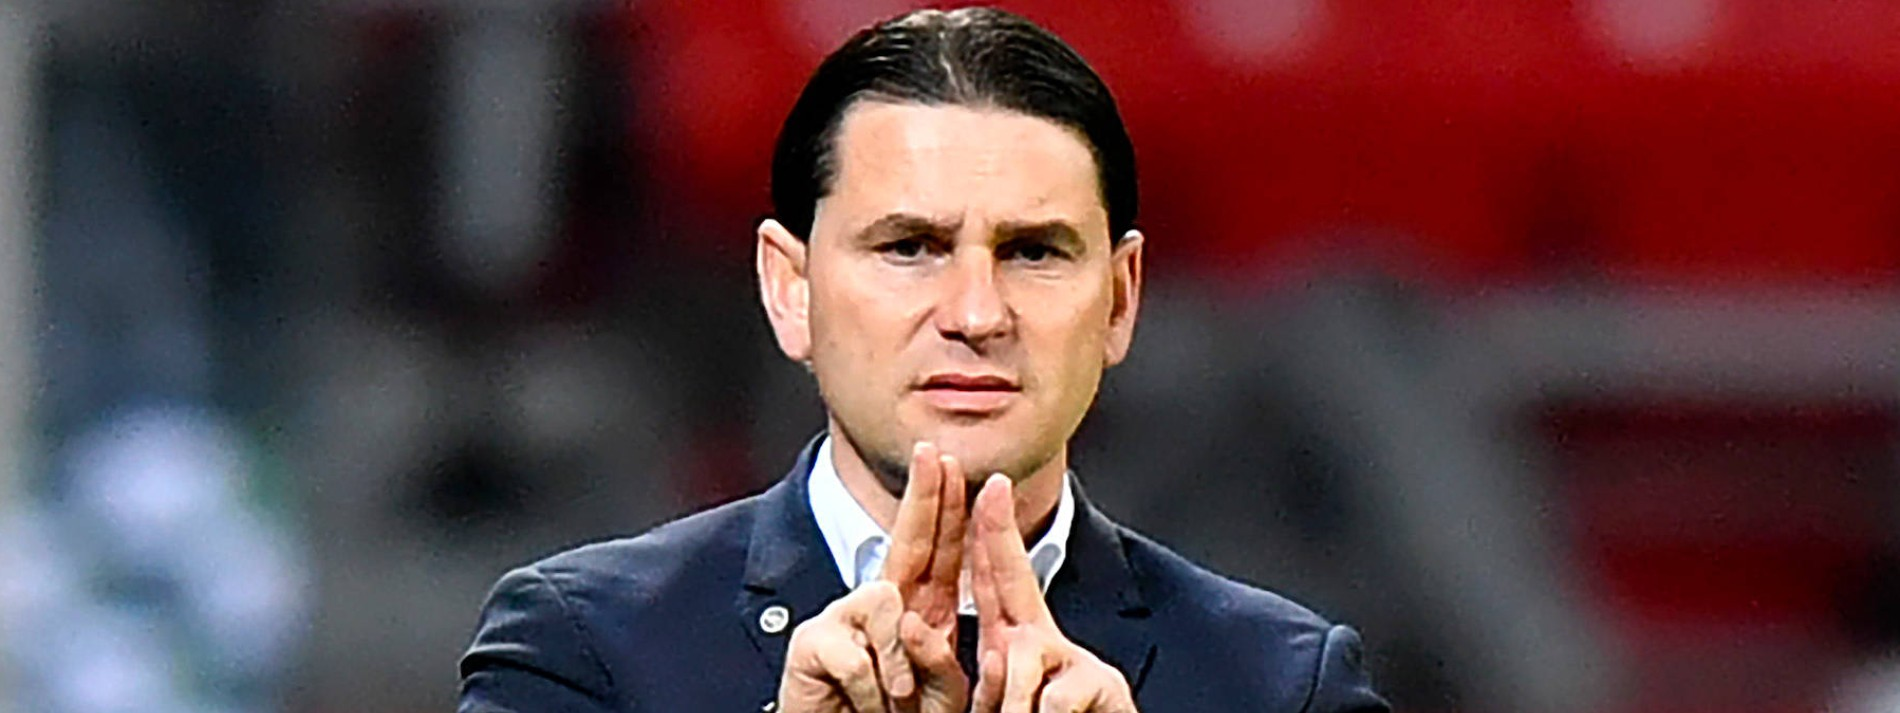 Seoane wird neuer Trainer in Leverkusen